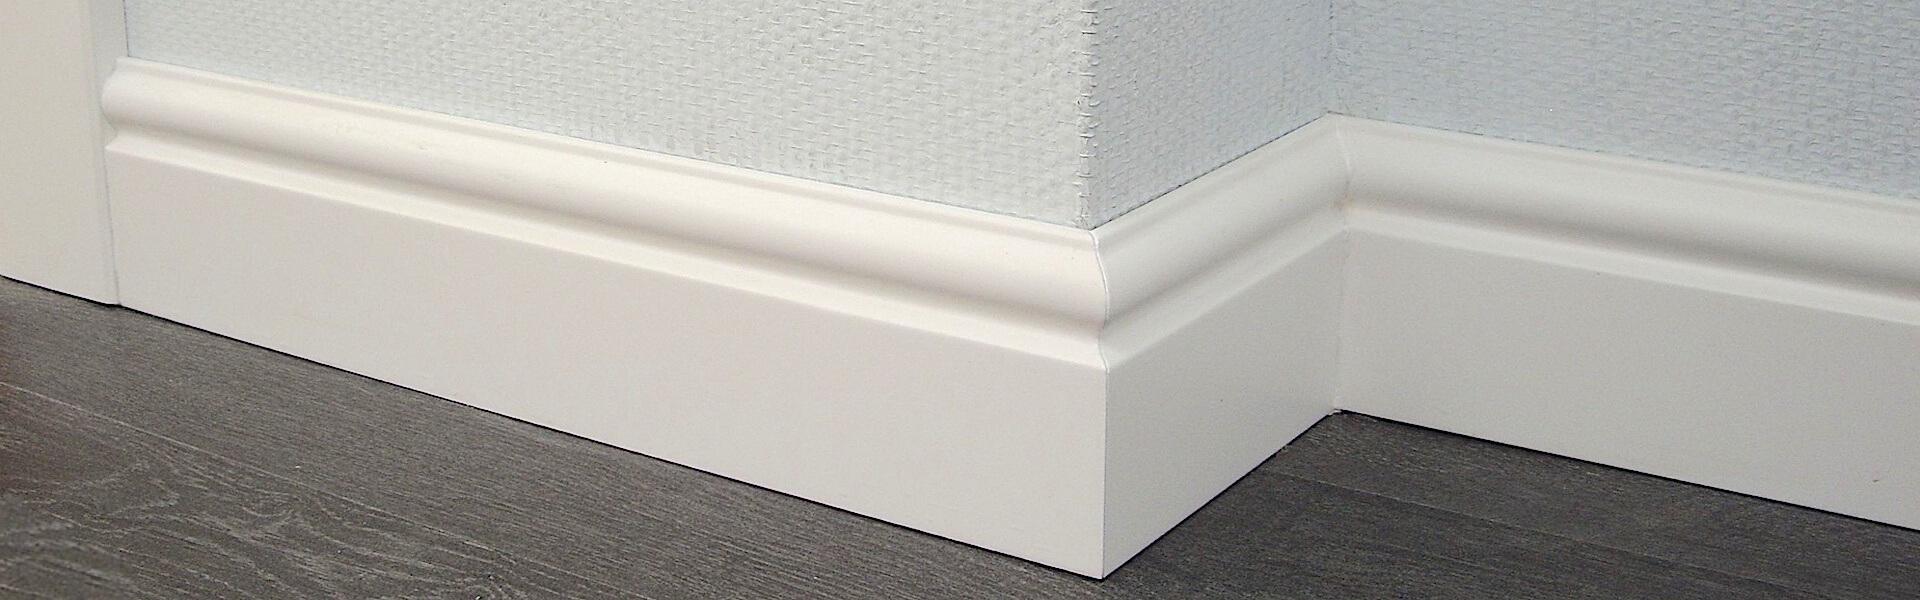 plintus-napolniy-parkethome-1920x600